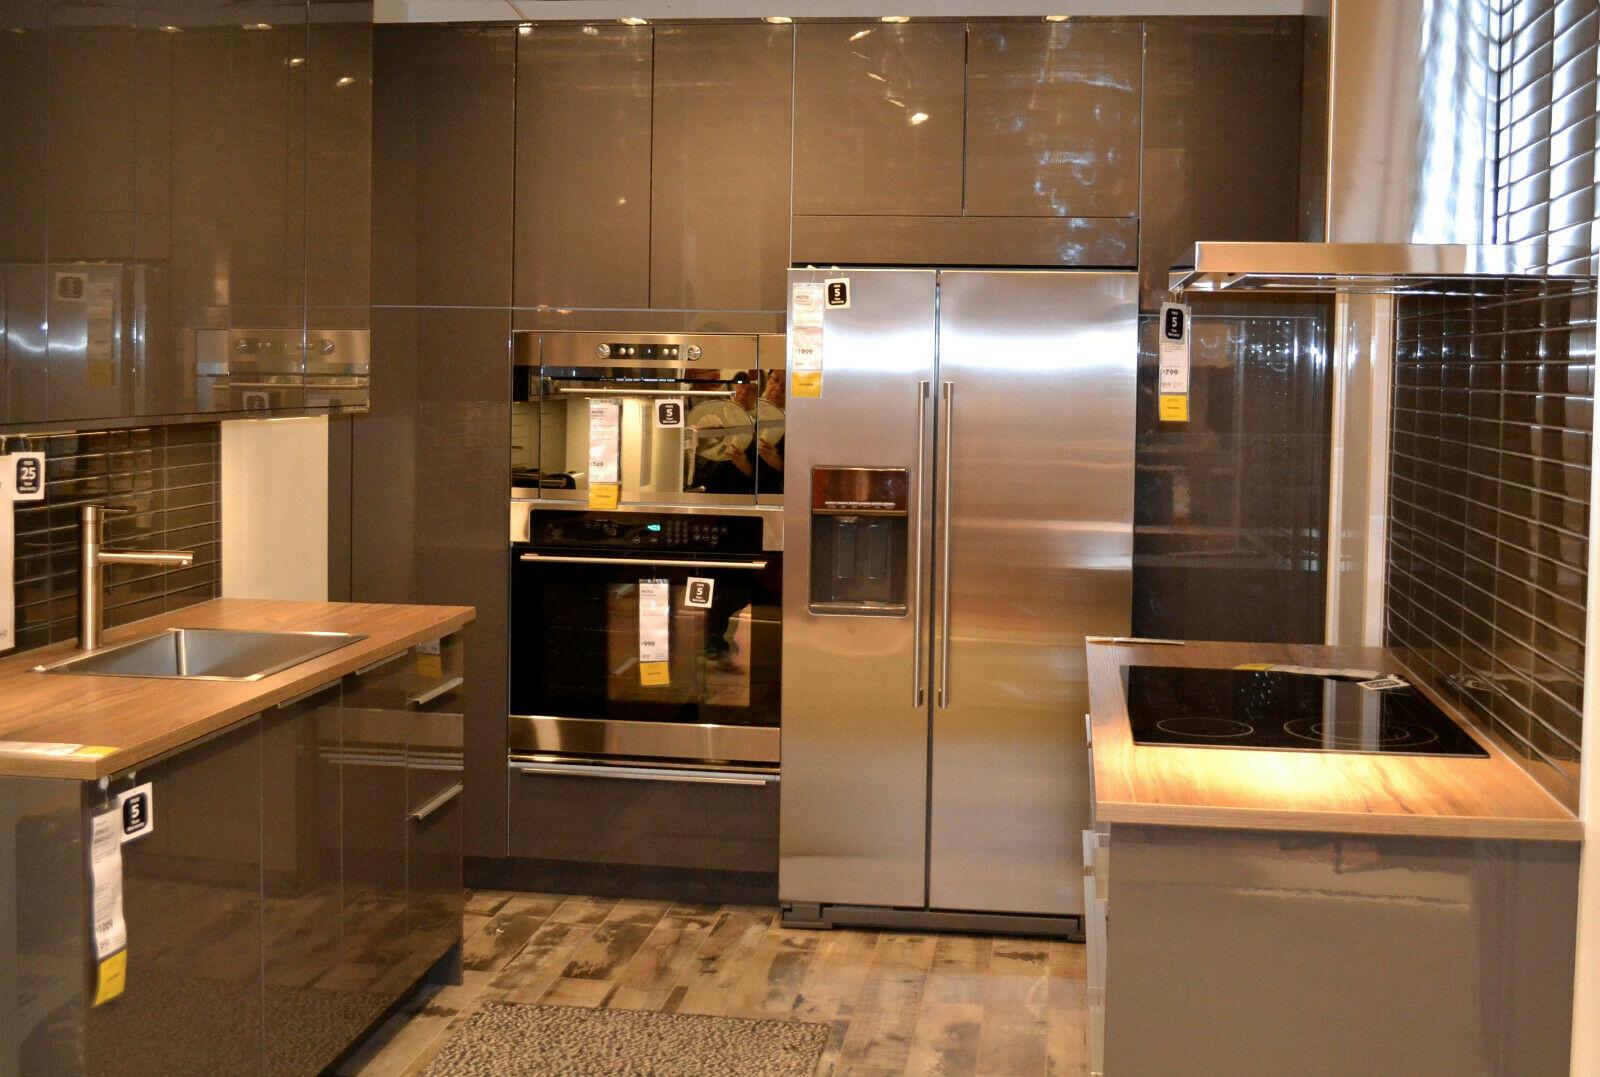 Full Size of Gloss Grey Ringhult Ikea Kitchen Cabinet Door For Sale Online Ebay Küche Kaufen Modulküche Betten 160x200 Kosten Sofa Mit Schlaffunktion Miniküche Bei Wohnzimmer Ringhult Ikea